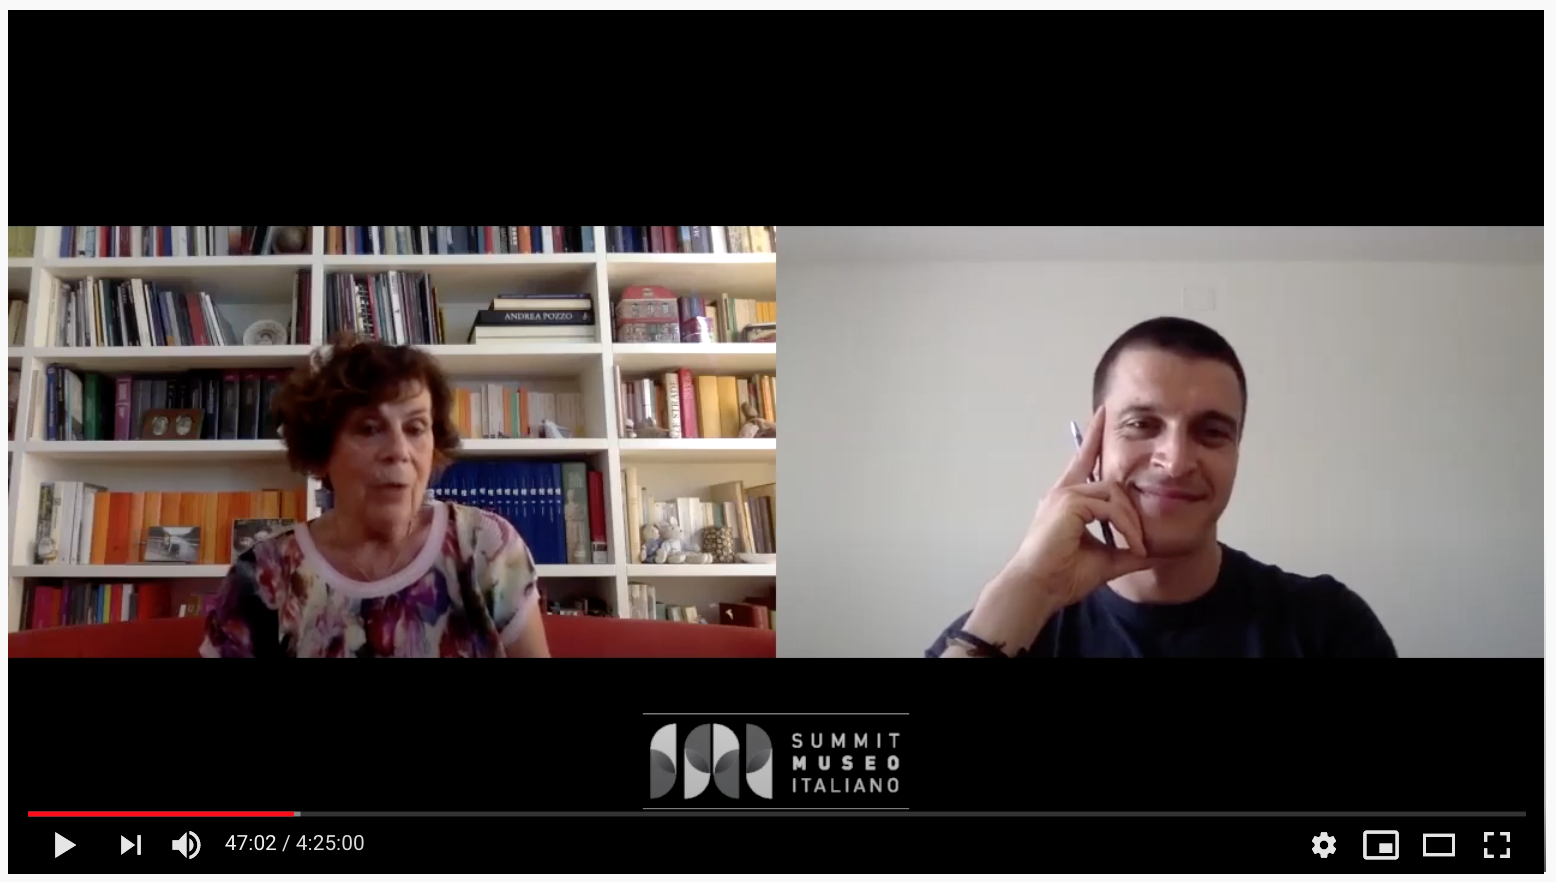 Domenica Primerano discute con Michele Da Rold al Summit del Museo Italiano